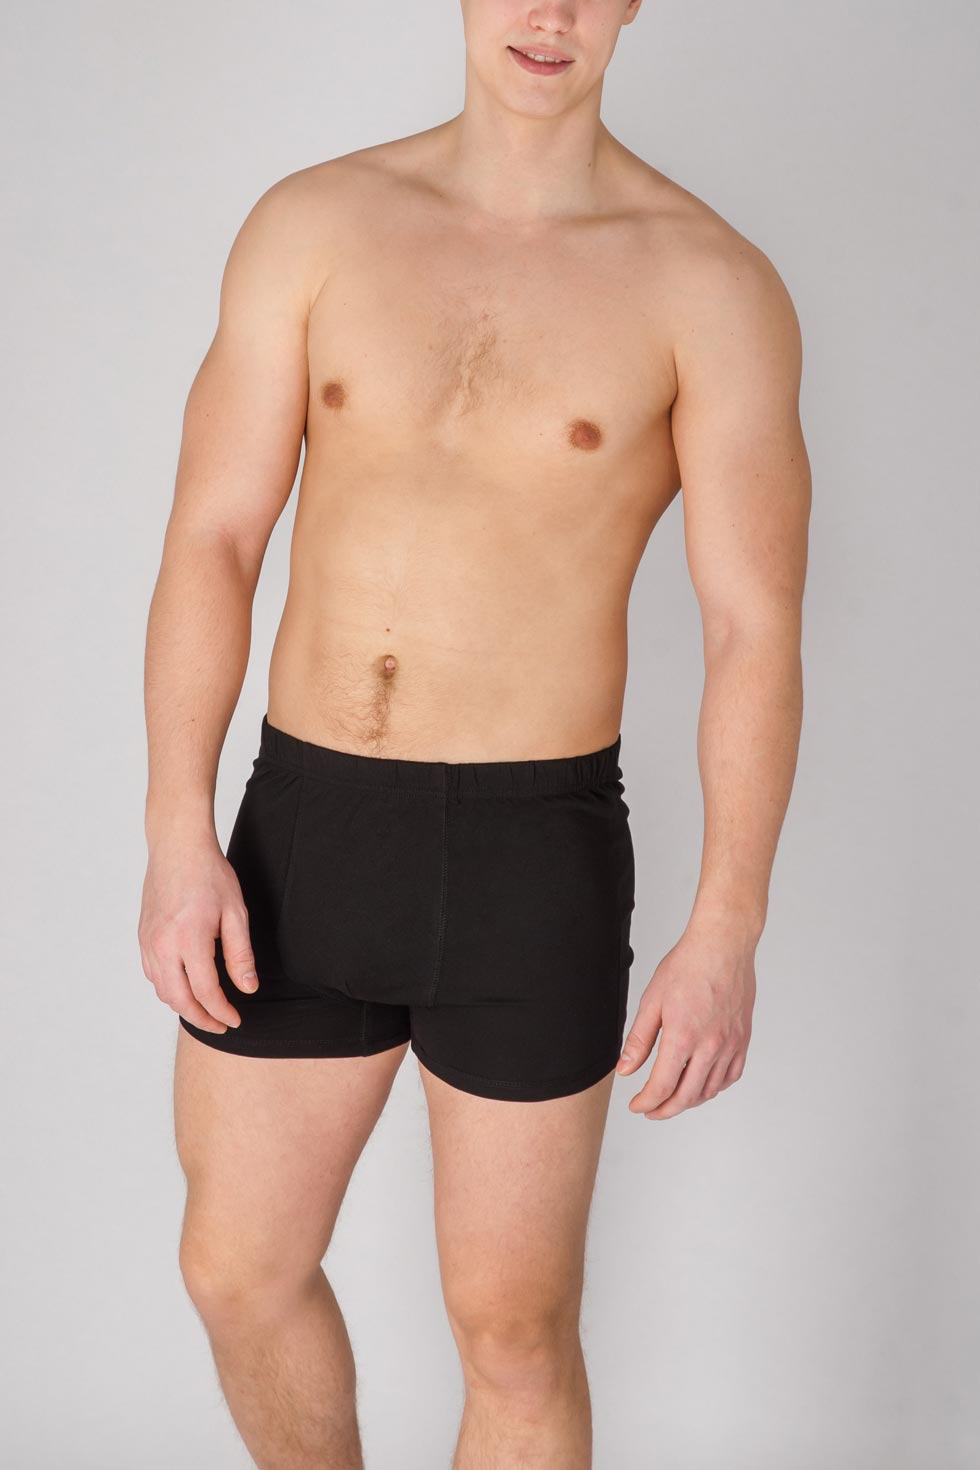 Трусы мужские Наиль короткиеКоллекция ВЕСНА-ЛЕТО<br><br><br>Размер: 56